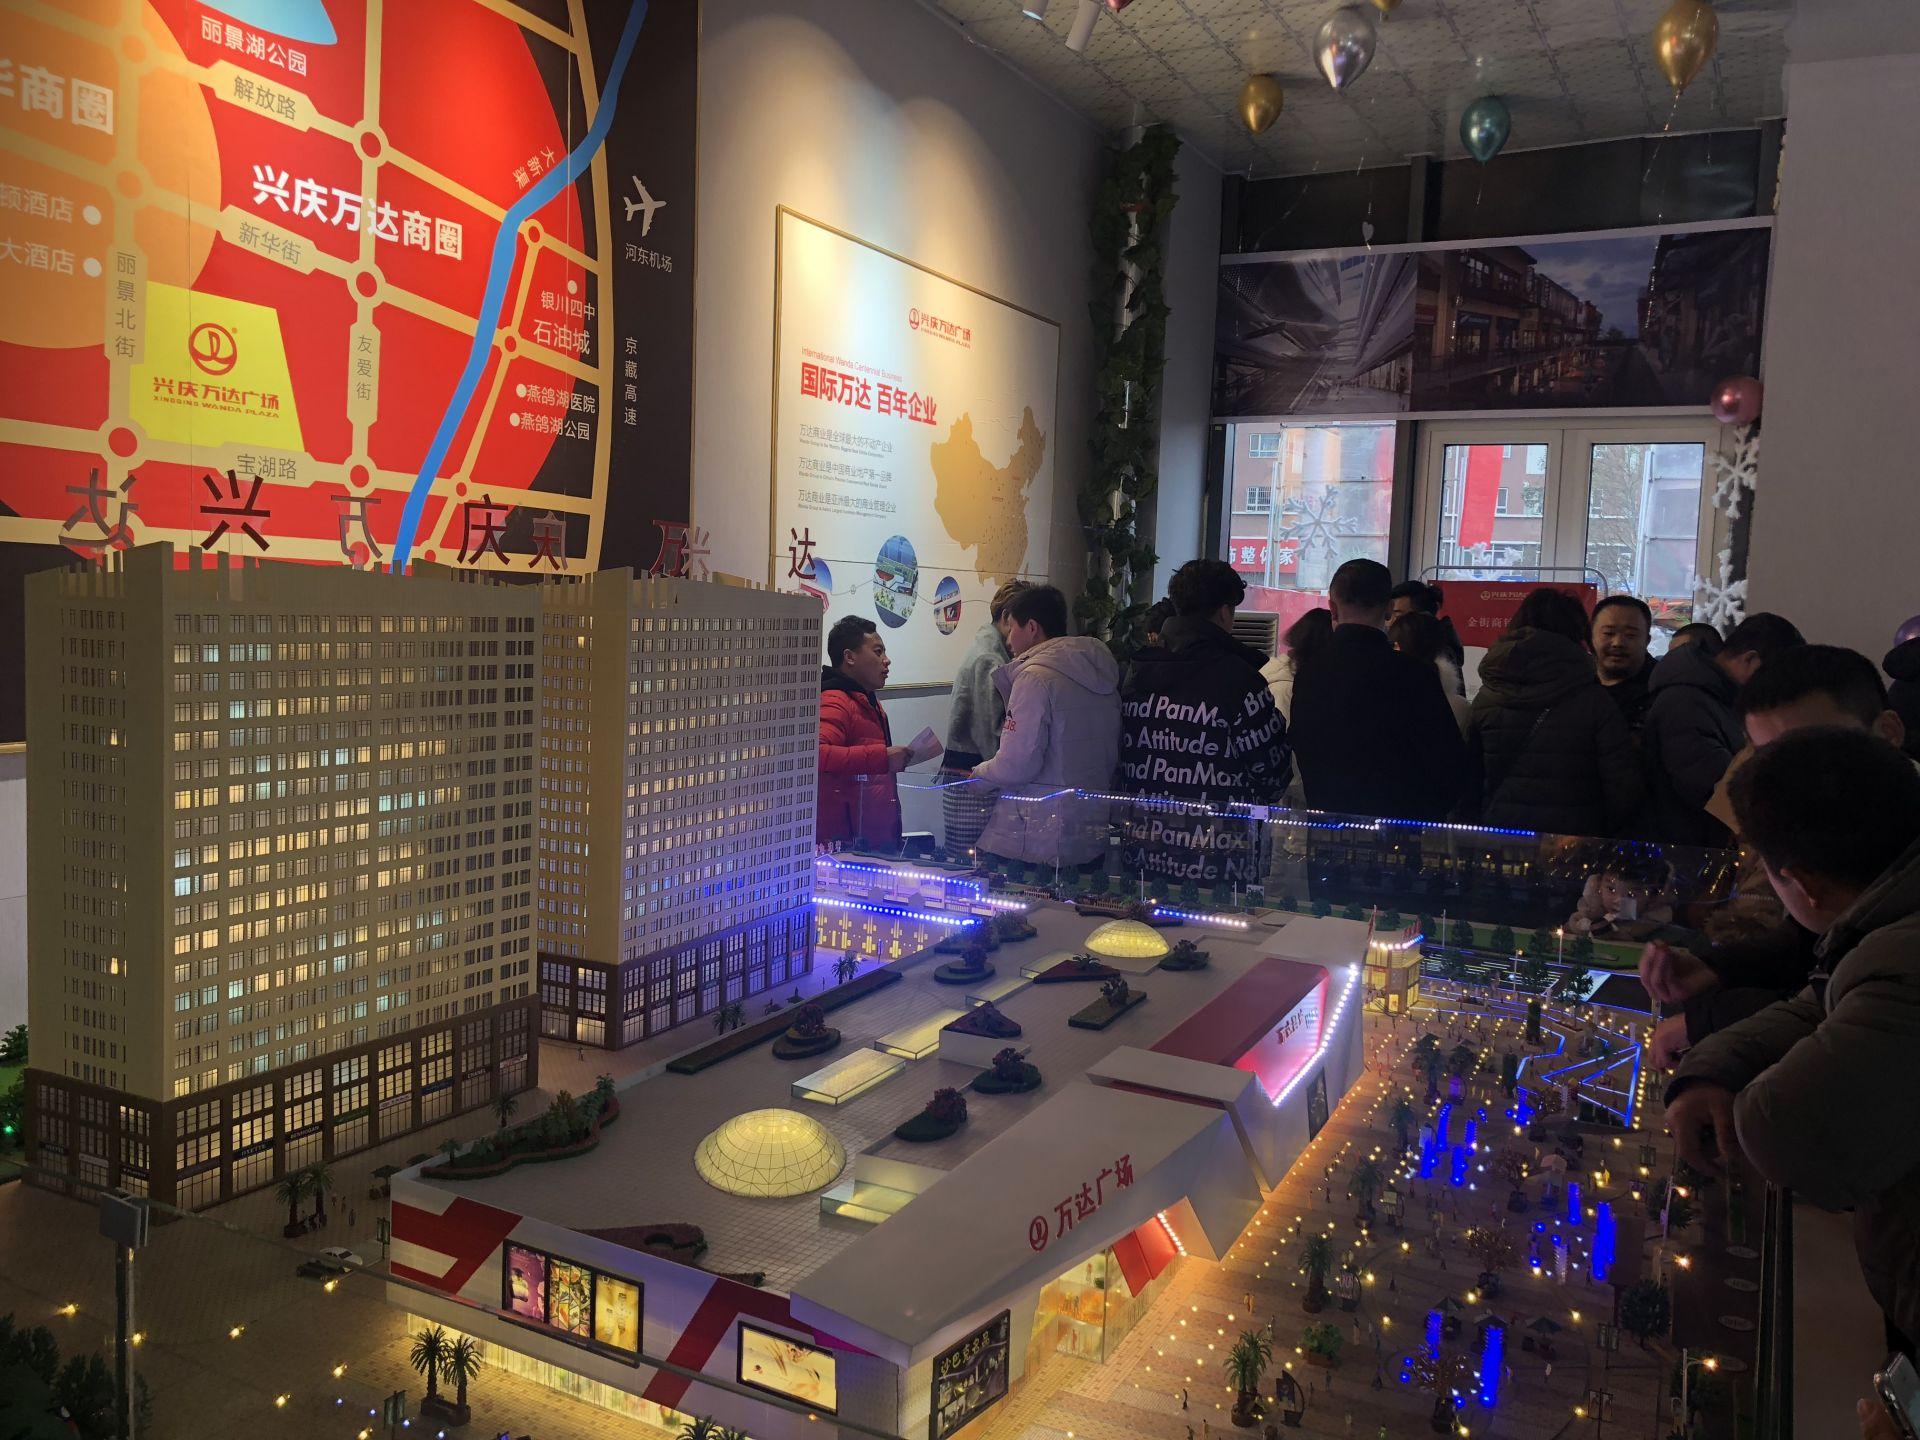 银川市兴庆区又添一座大型商业中心